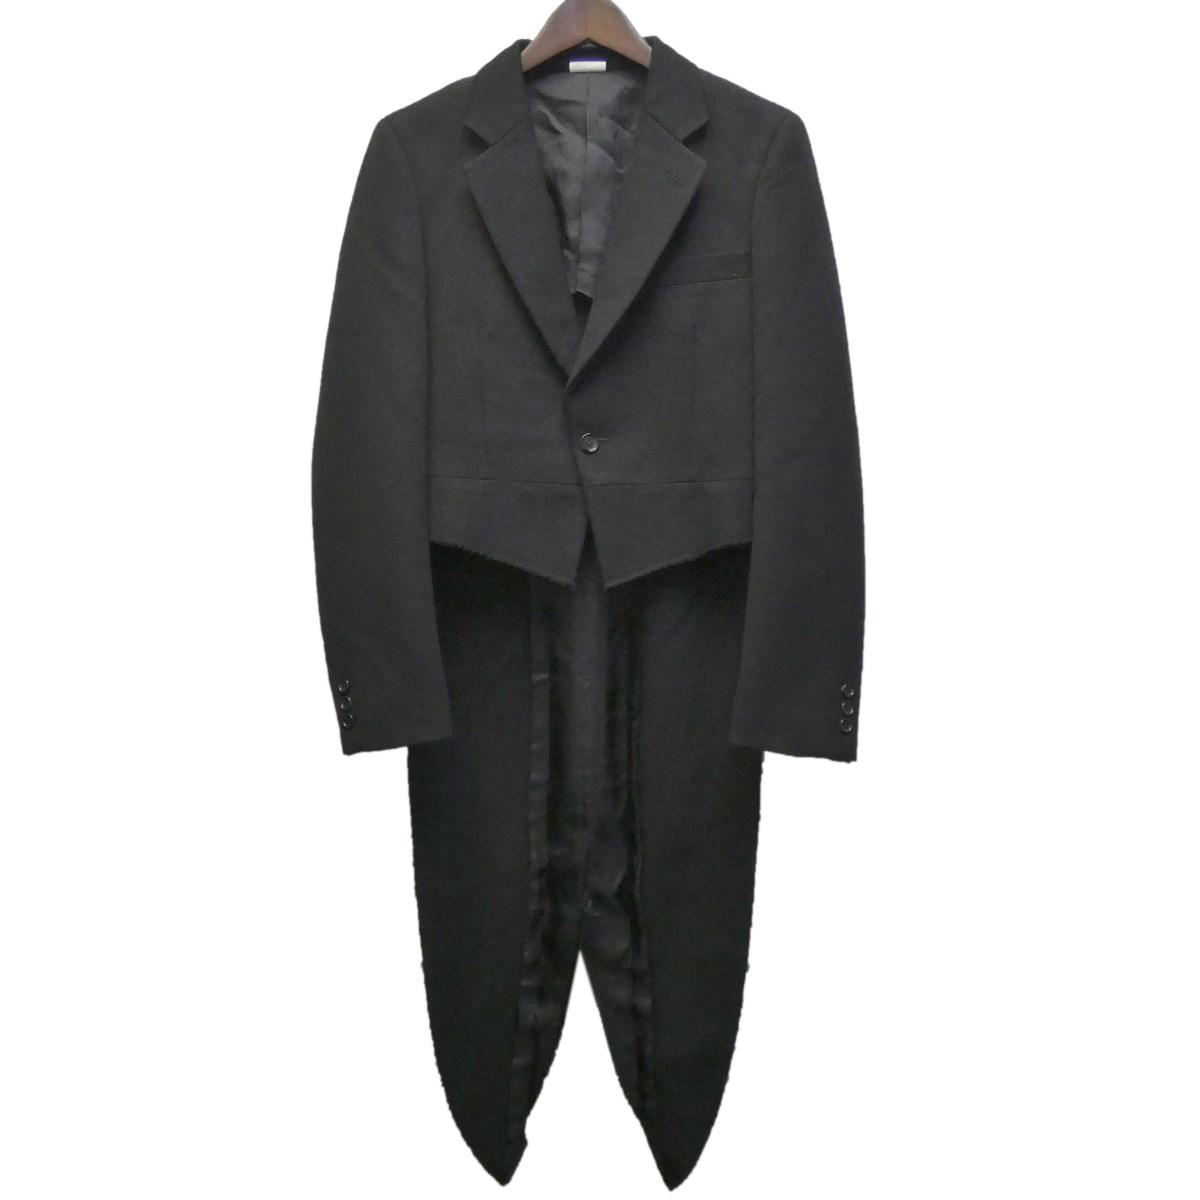 【中古】COMME des GARCONS HOMME PLUS 19AW 燕尾コート ブラック サイズ:XS 【110420】(コムデギャルソンオムプリュス)